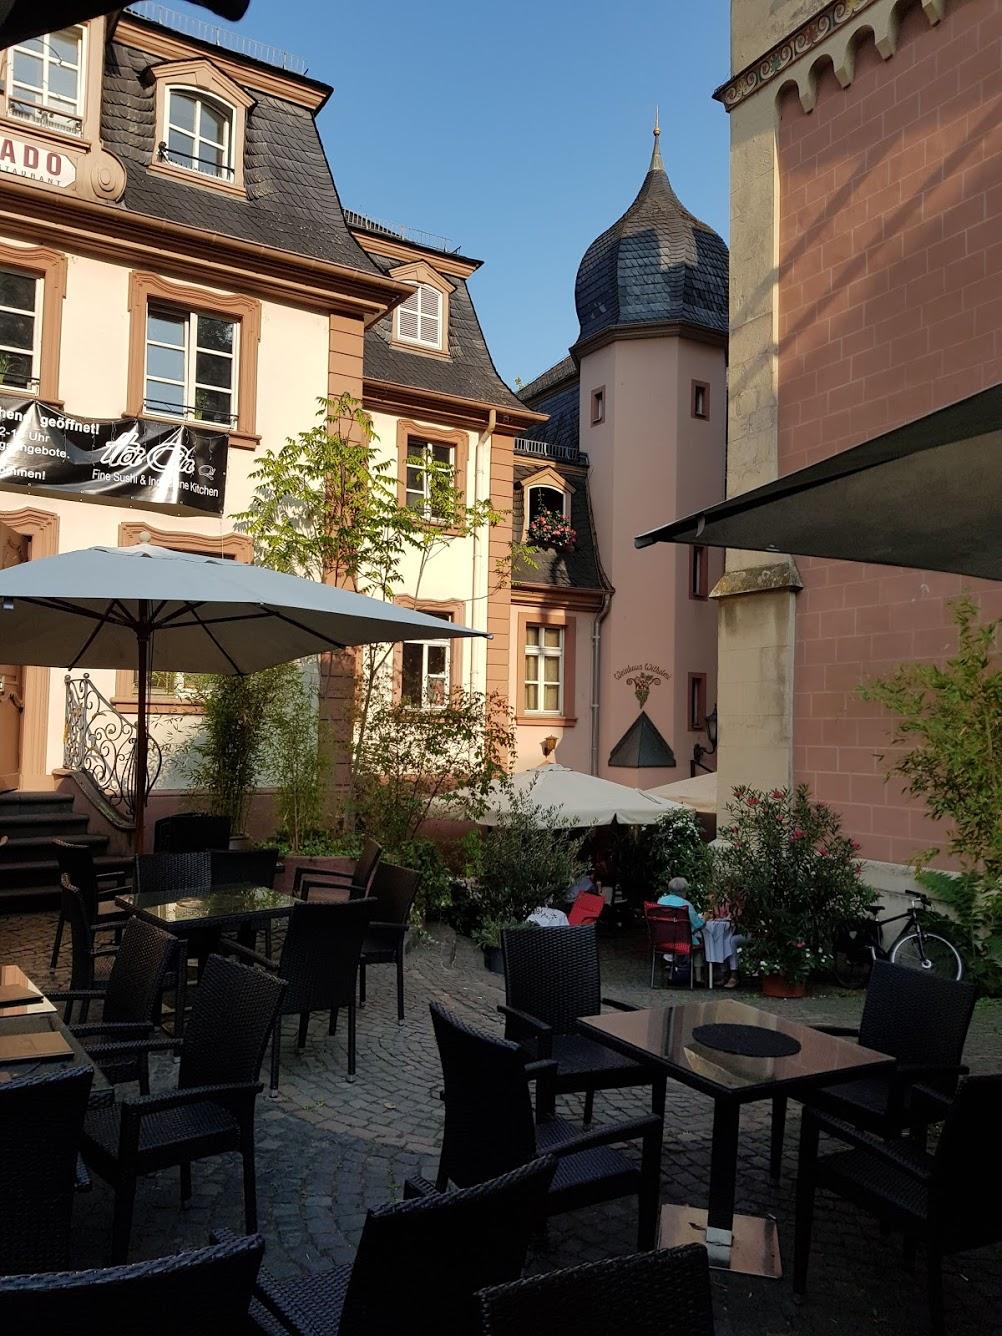 Mainz - Foto 11 Gisela Kentmann